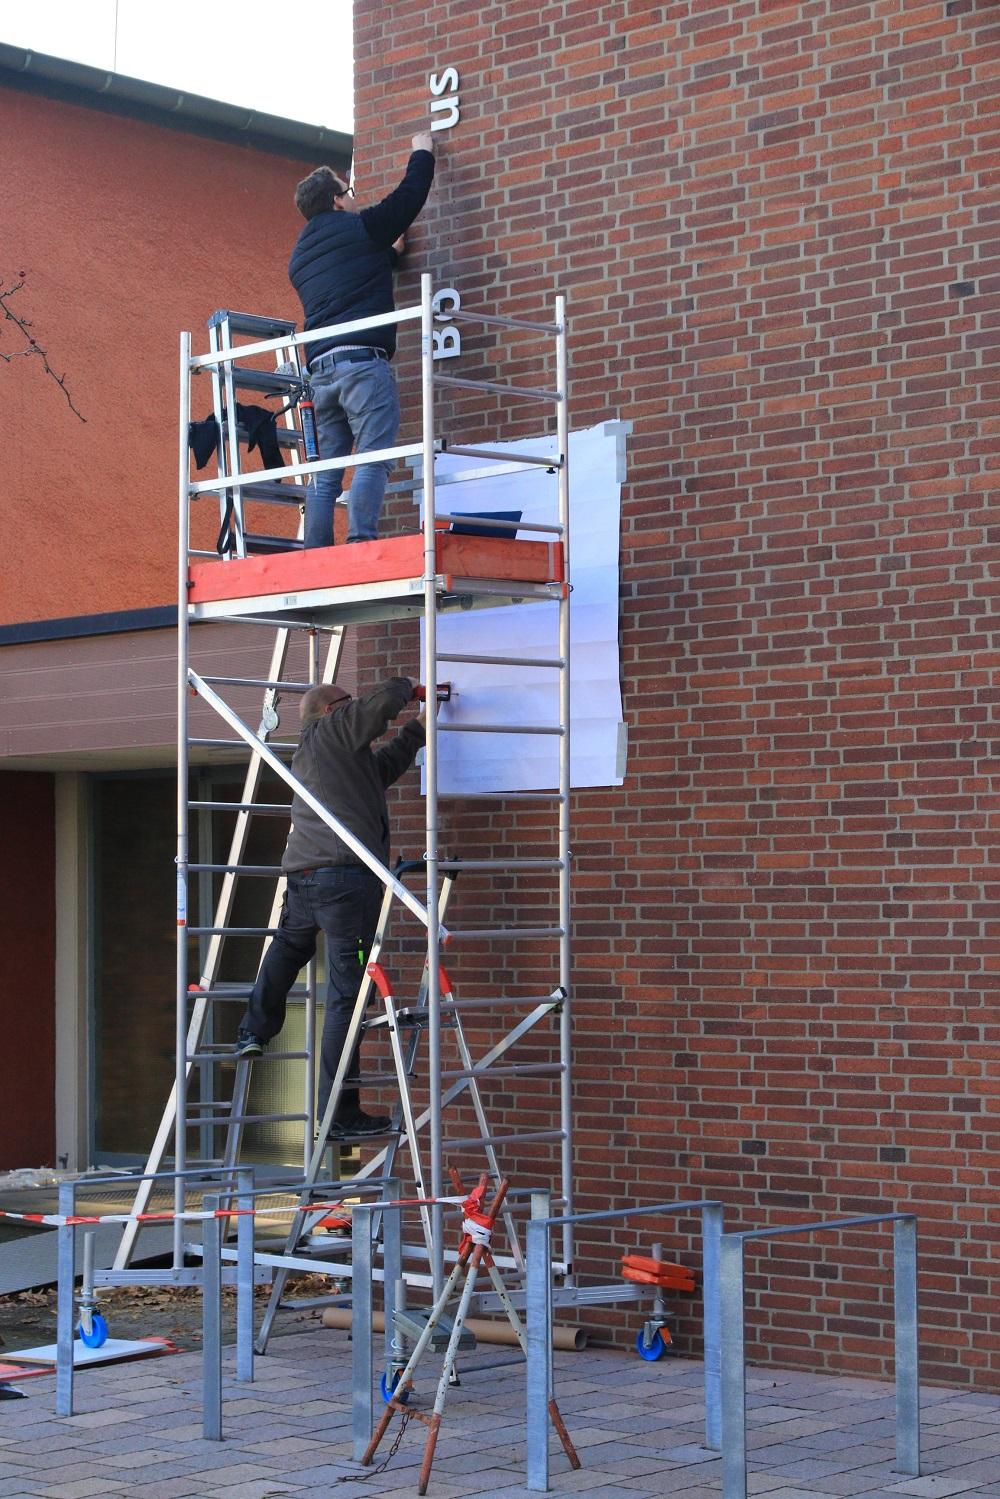 Die Arbeiter beim Anbringen der Beschriftung